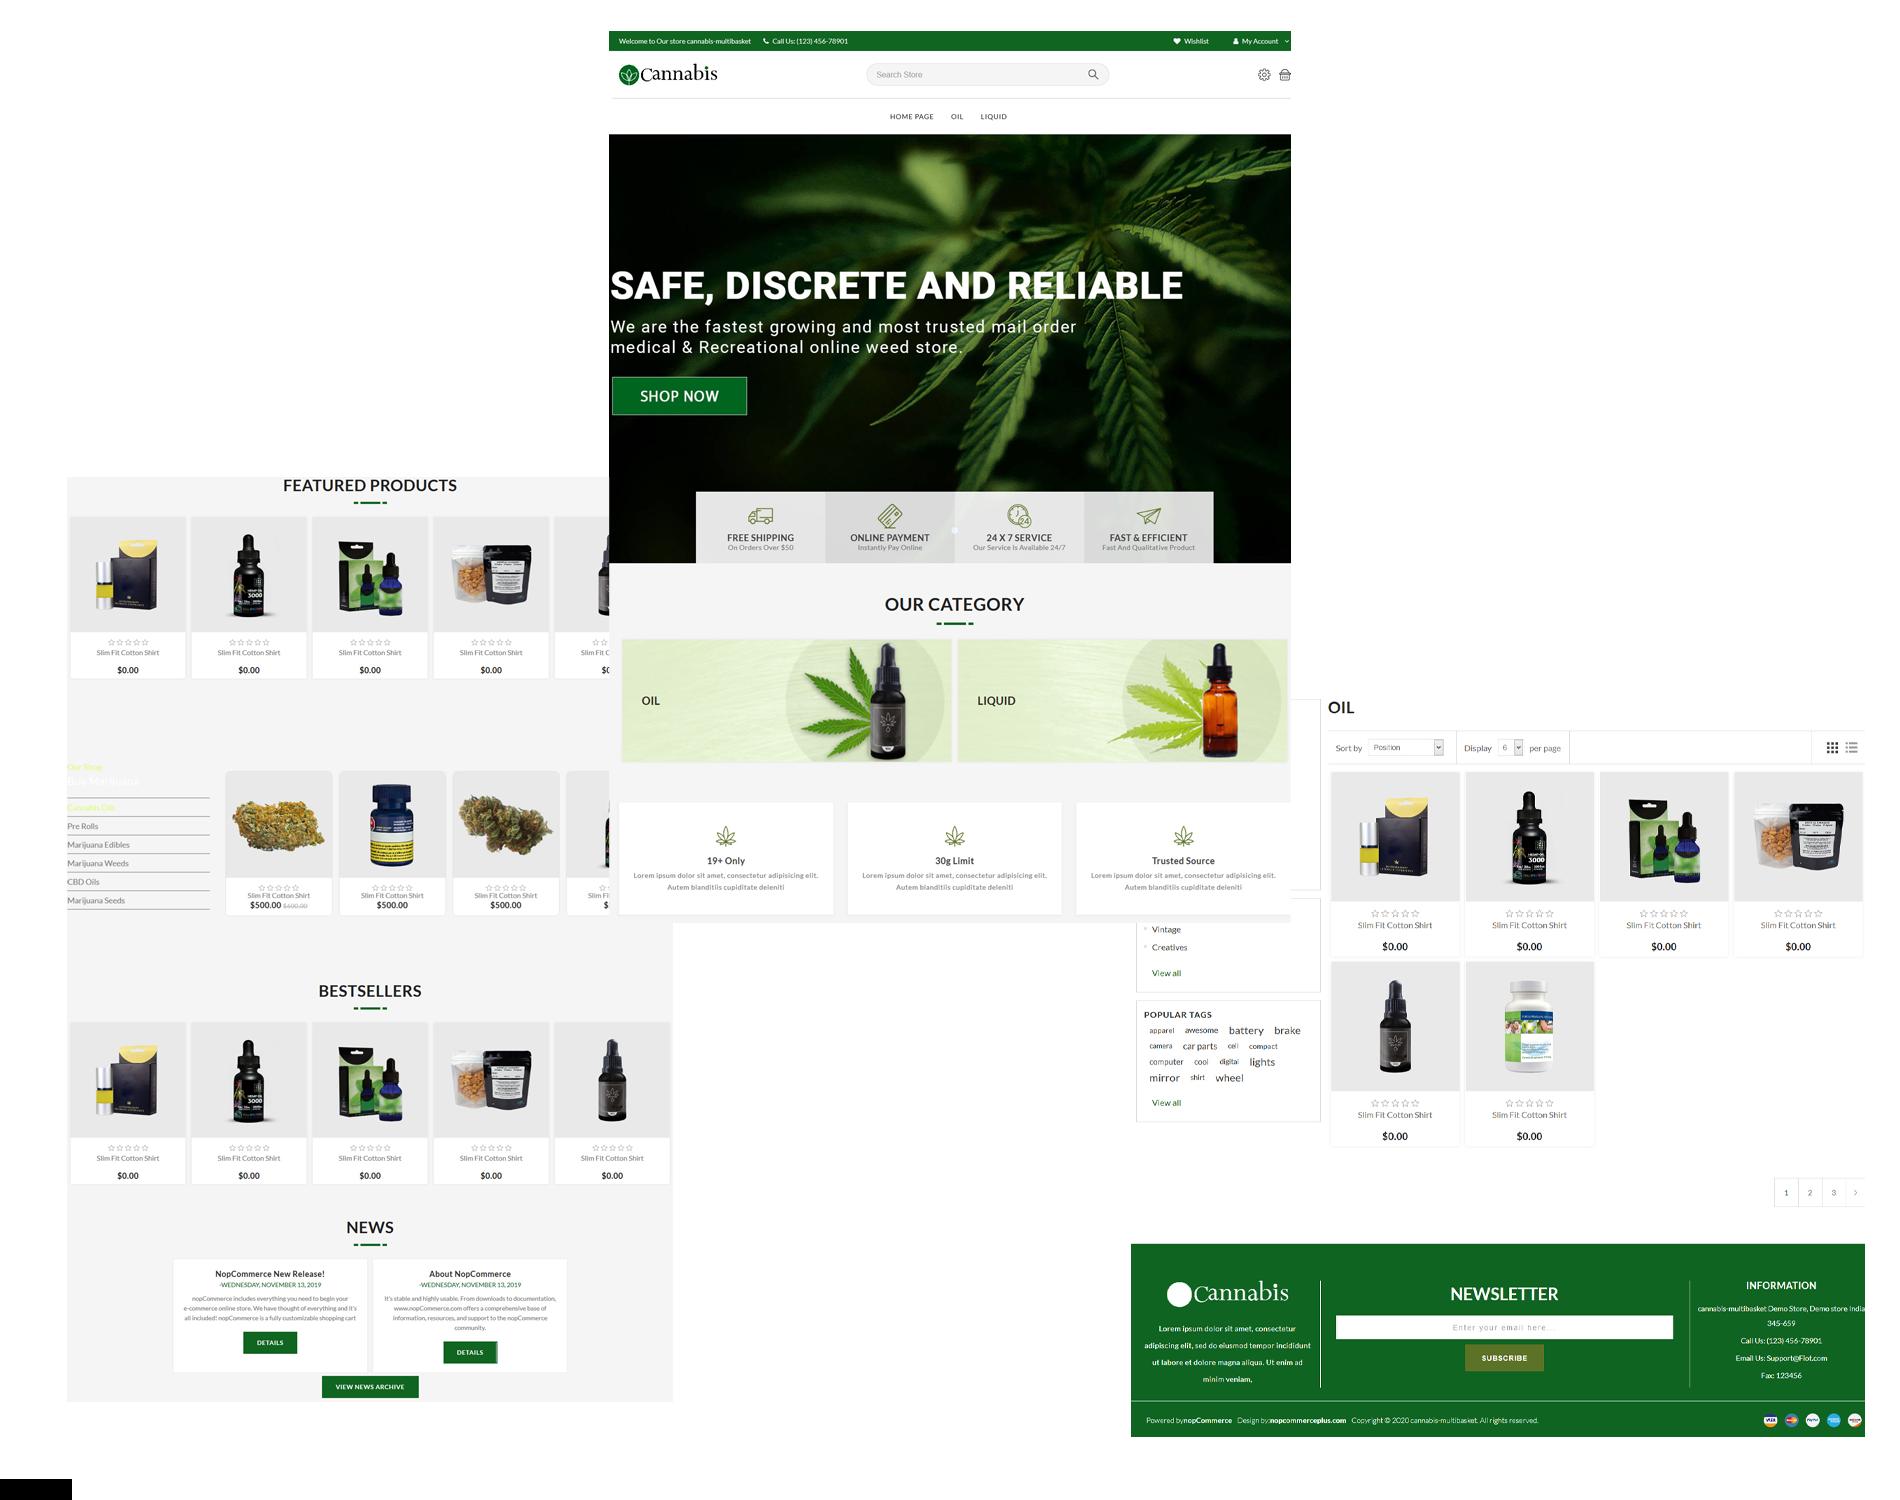 قالب فروشگاهی Cannabis ناپکامرس - نمونه